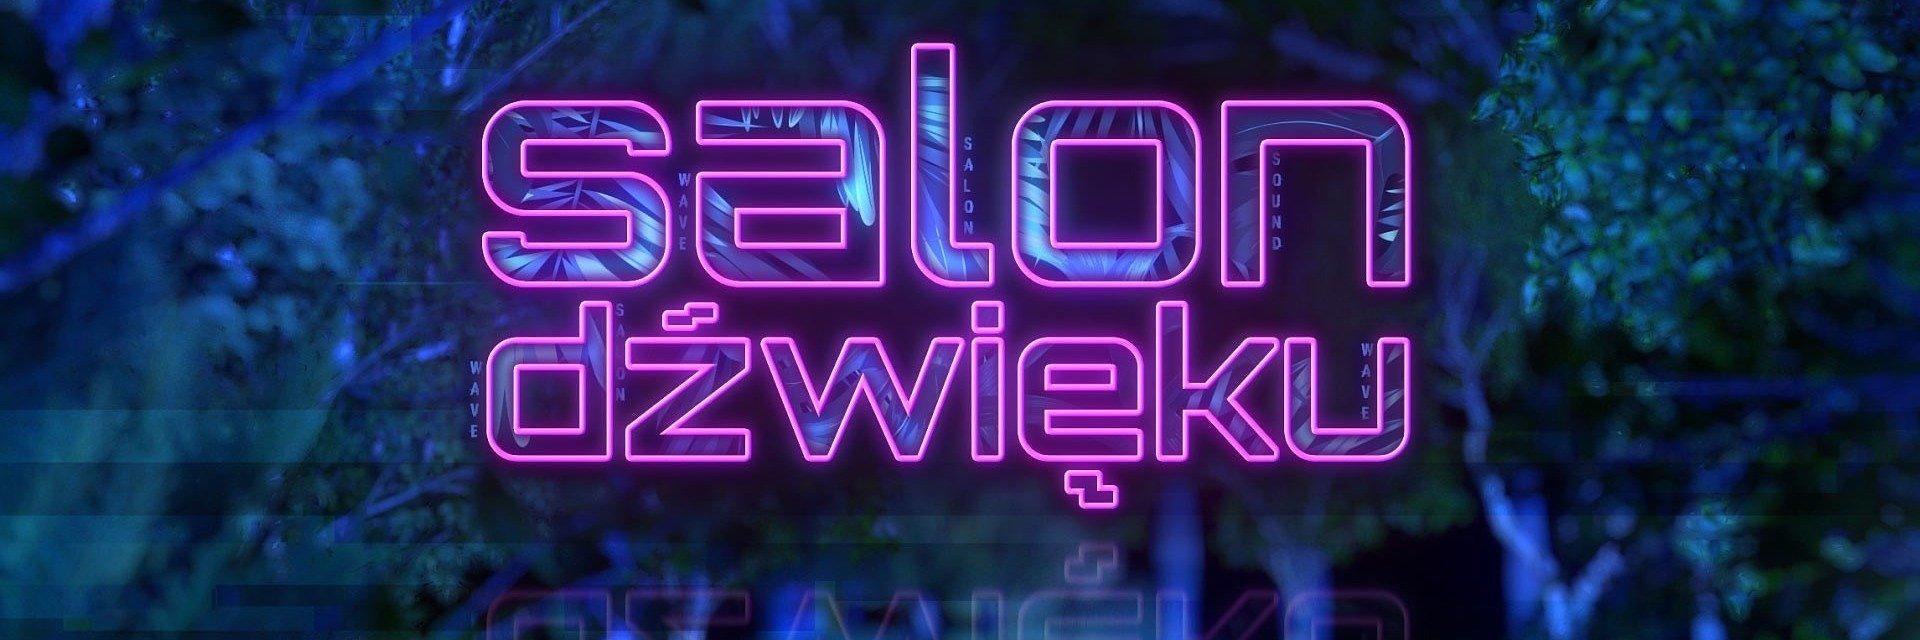 """""""Salon dźwięku"""" – wyjątkowe wydarzenie muzyczne na antenie TVN i Player.pl"""